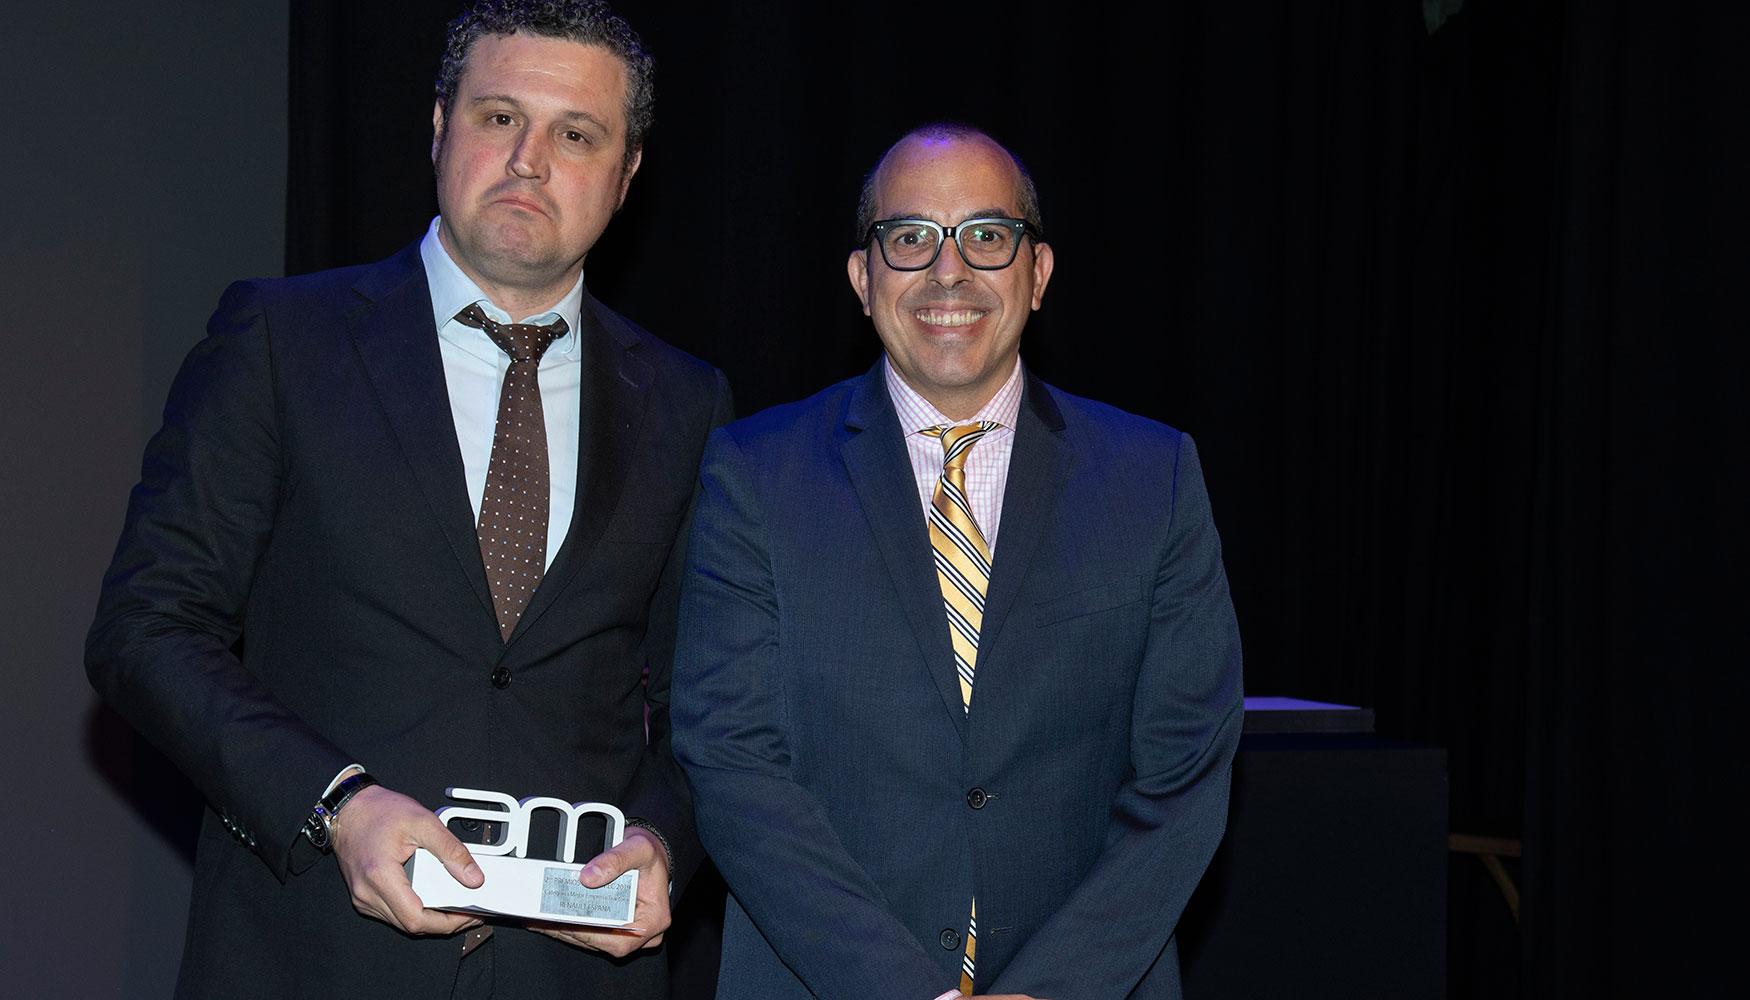 Miguel Serrano, director del Salón 'Industry From Needs to Solutions'. La feria industrial de Barcelona entregó el galardón en esta categoría, que recogió Augusto Escudero Luengo, jefe Dpto. Técnico Factoría de Motores de Renault España.